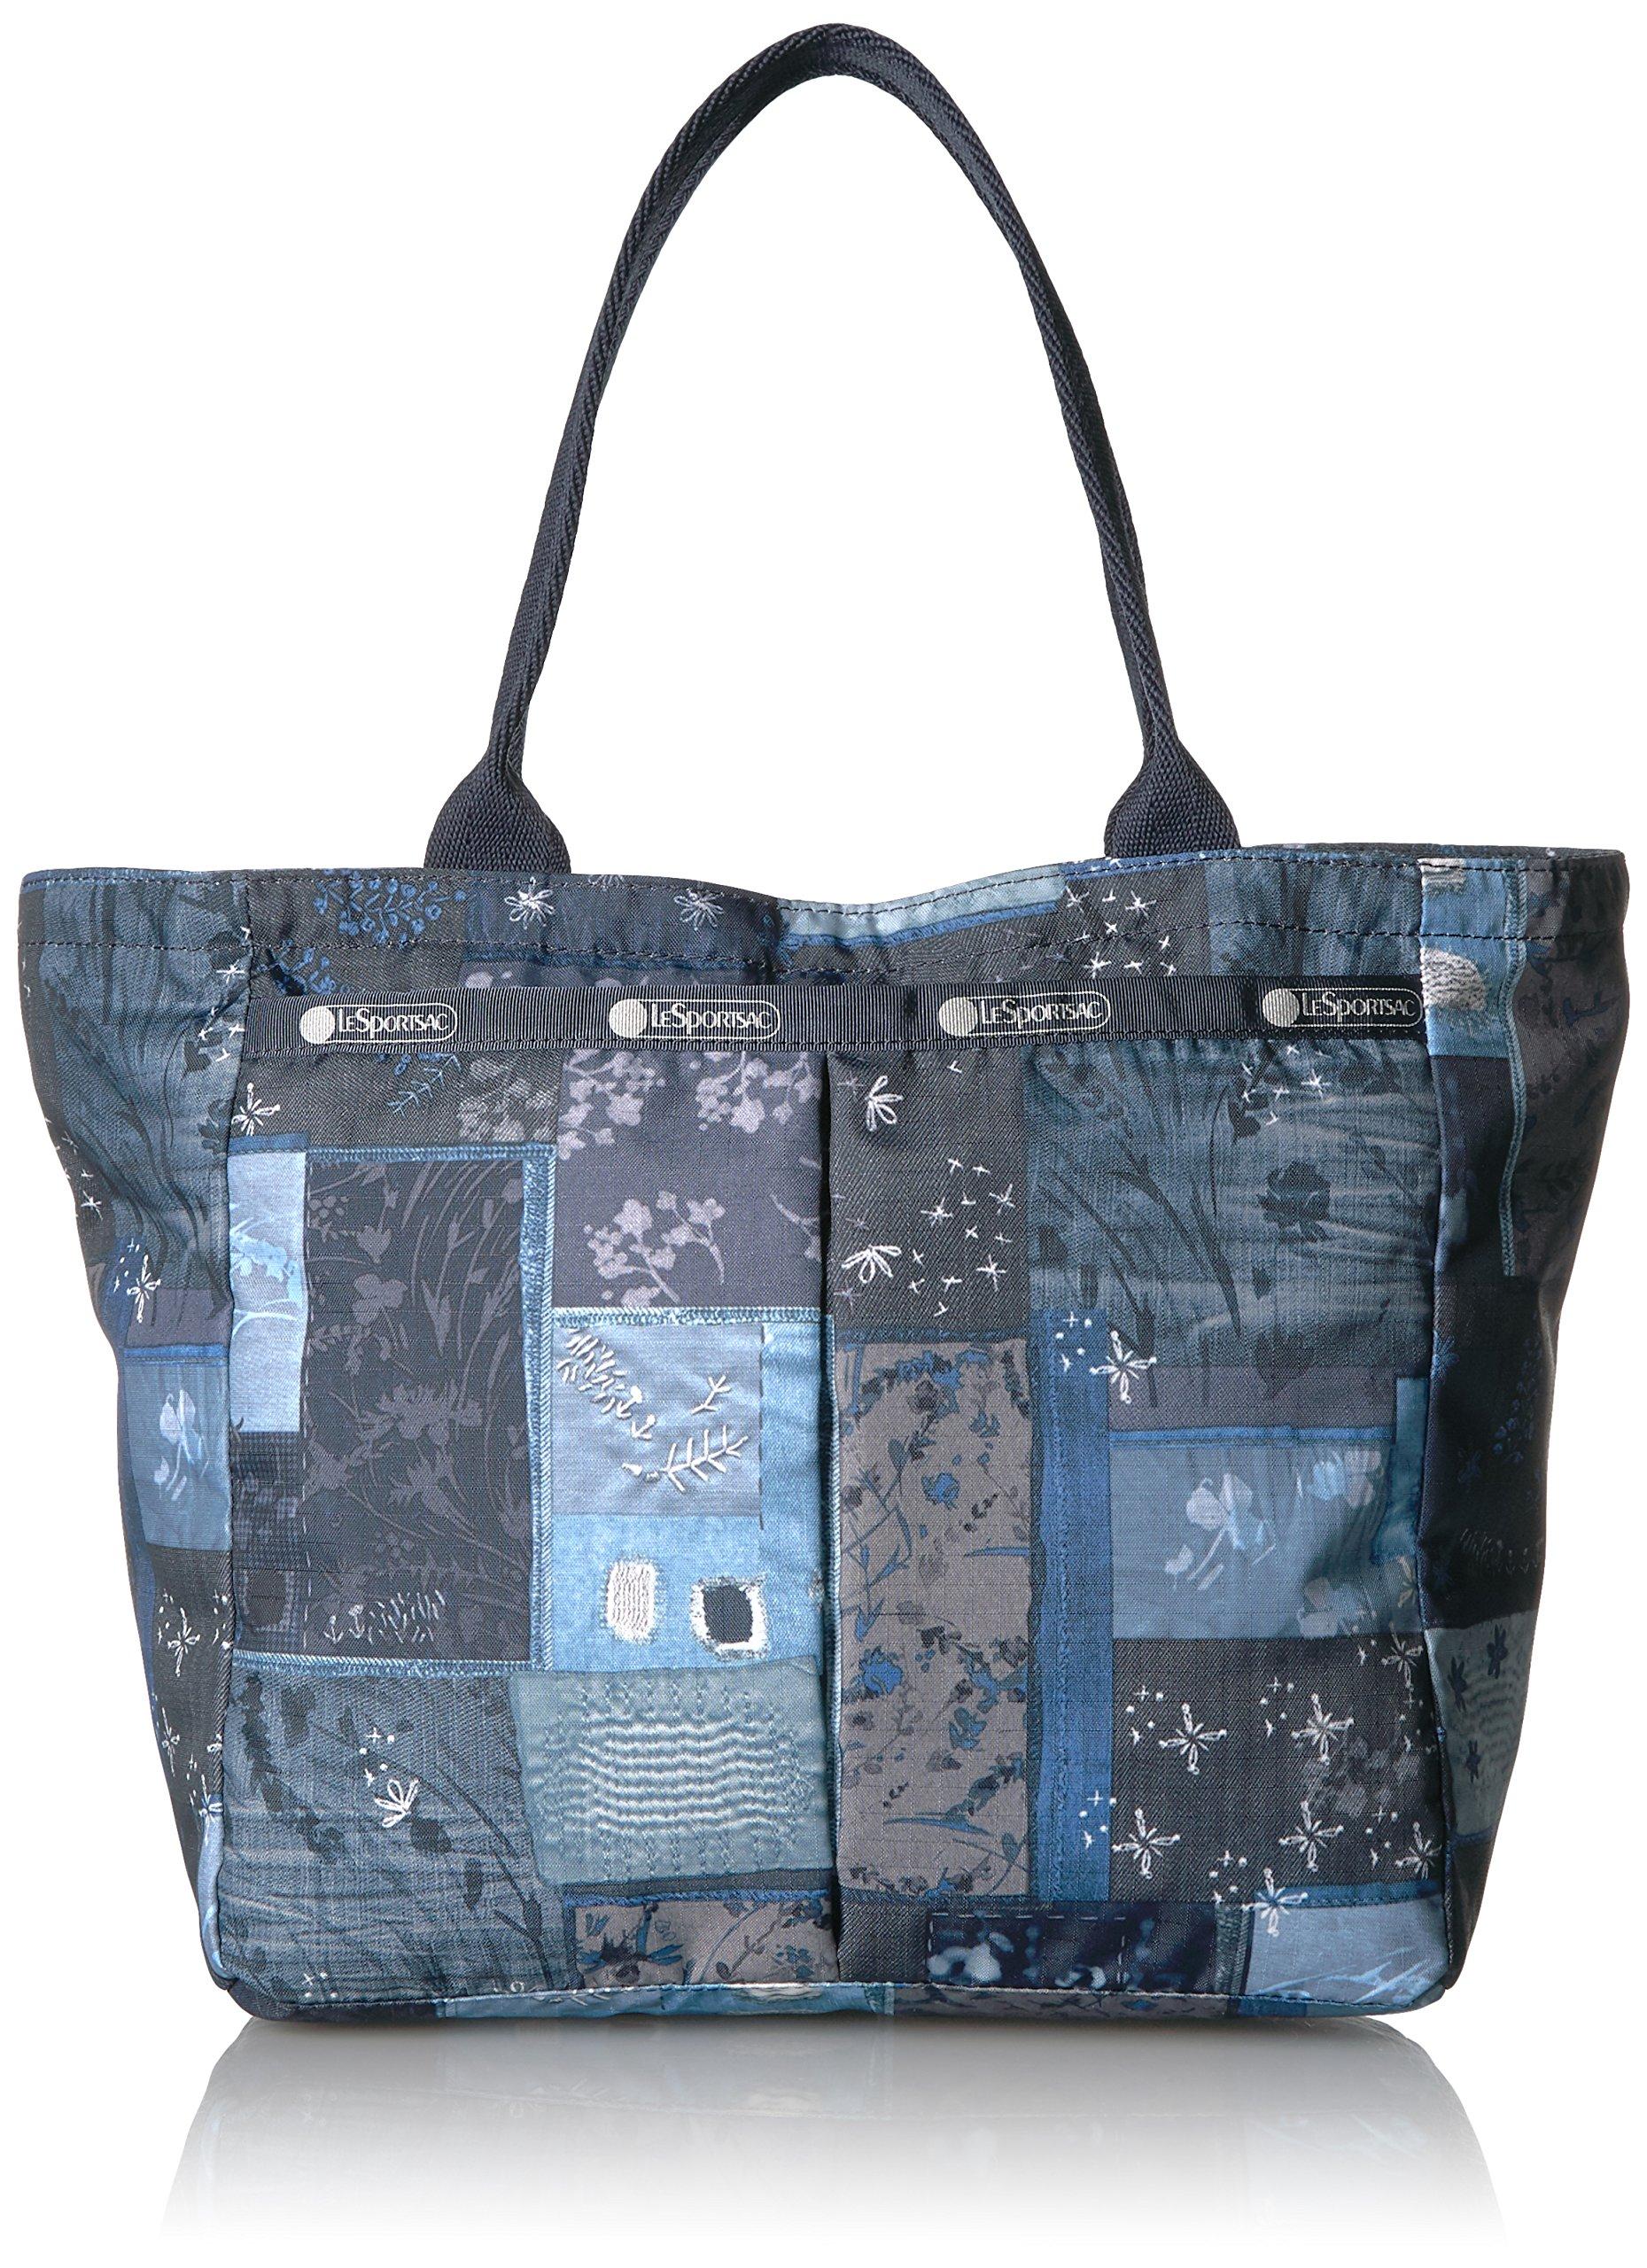 3a5e203c10 Galleon - LeSportsac Classic Small Everygirl Tote Handbag